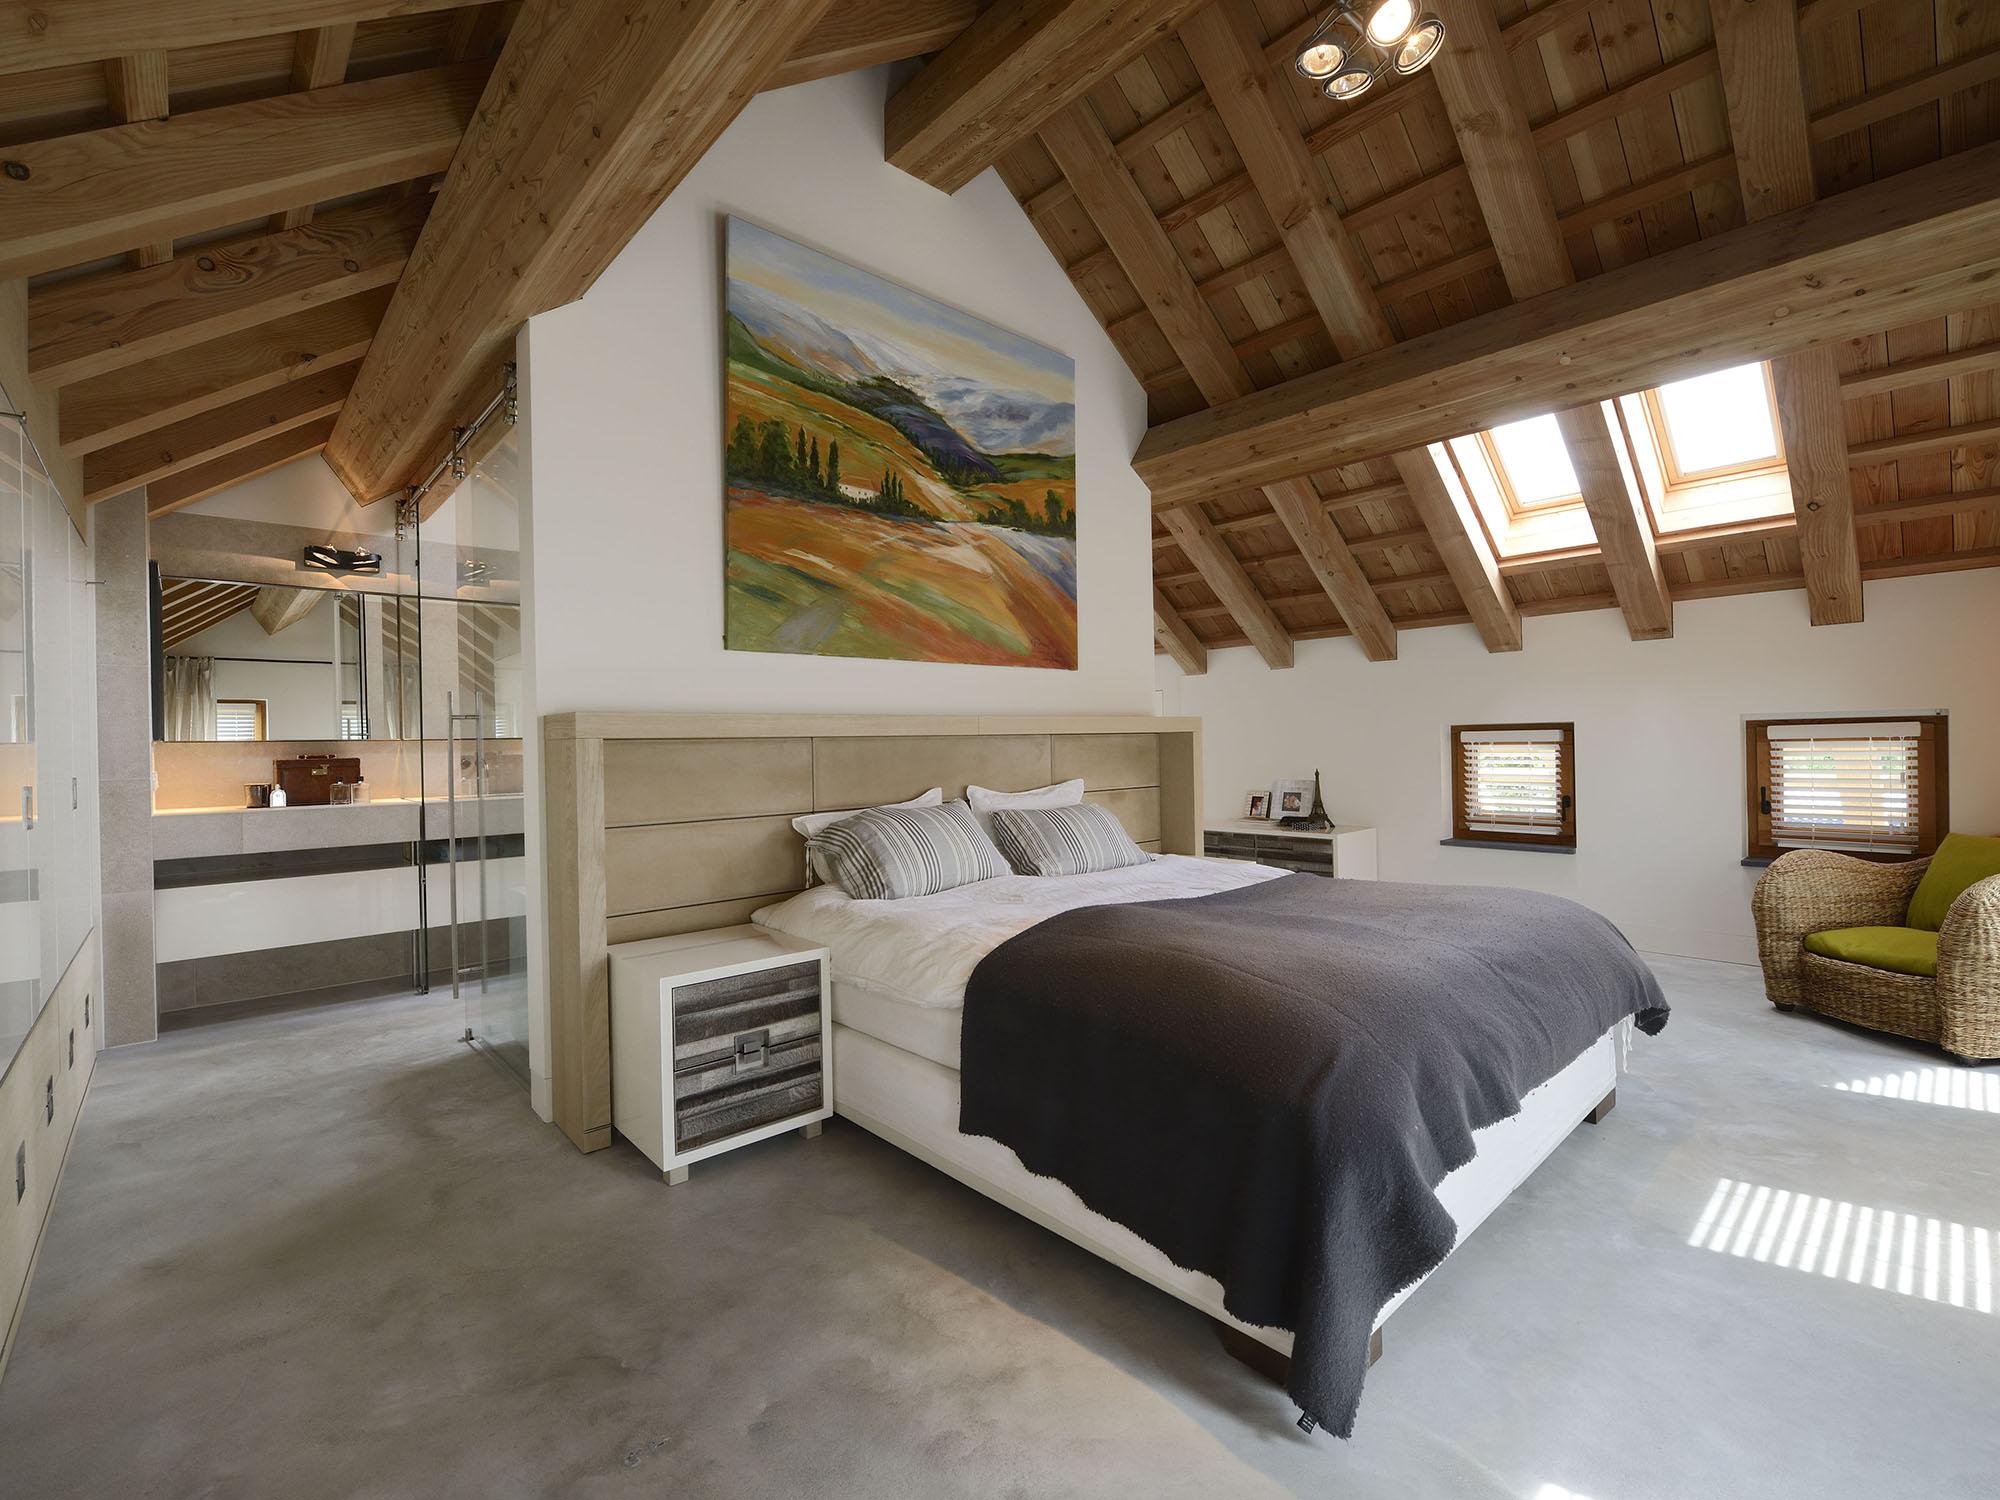 Slaapkamer Kasten Van Ikea